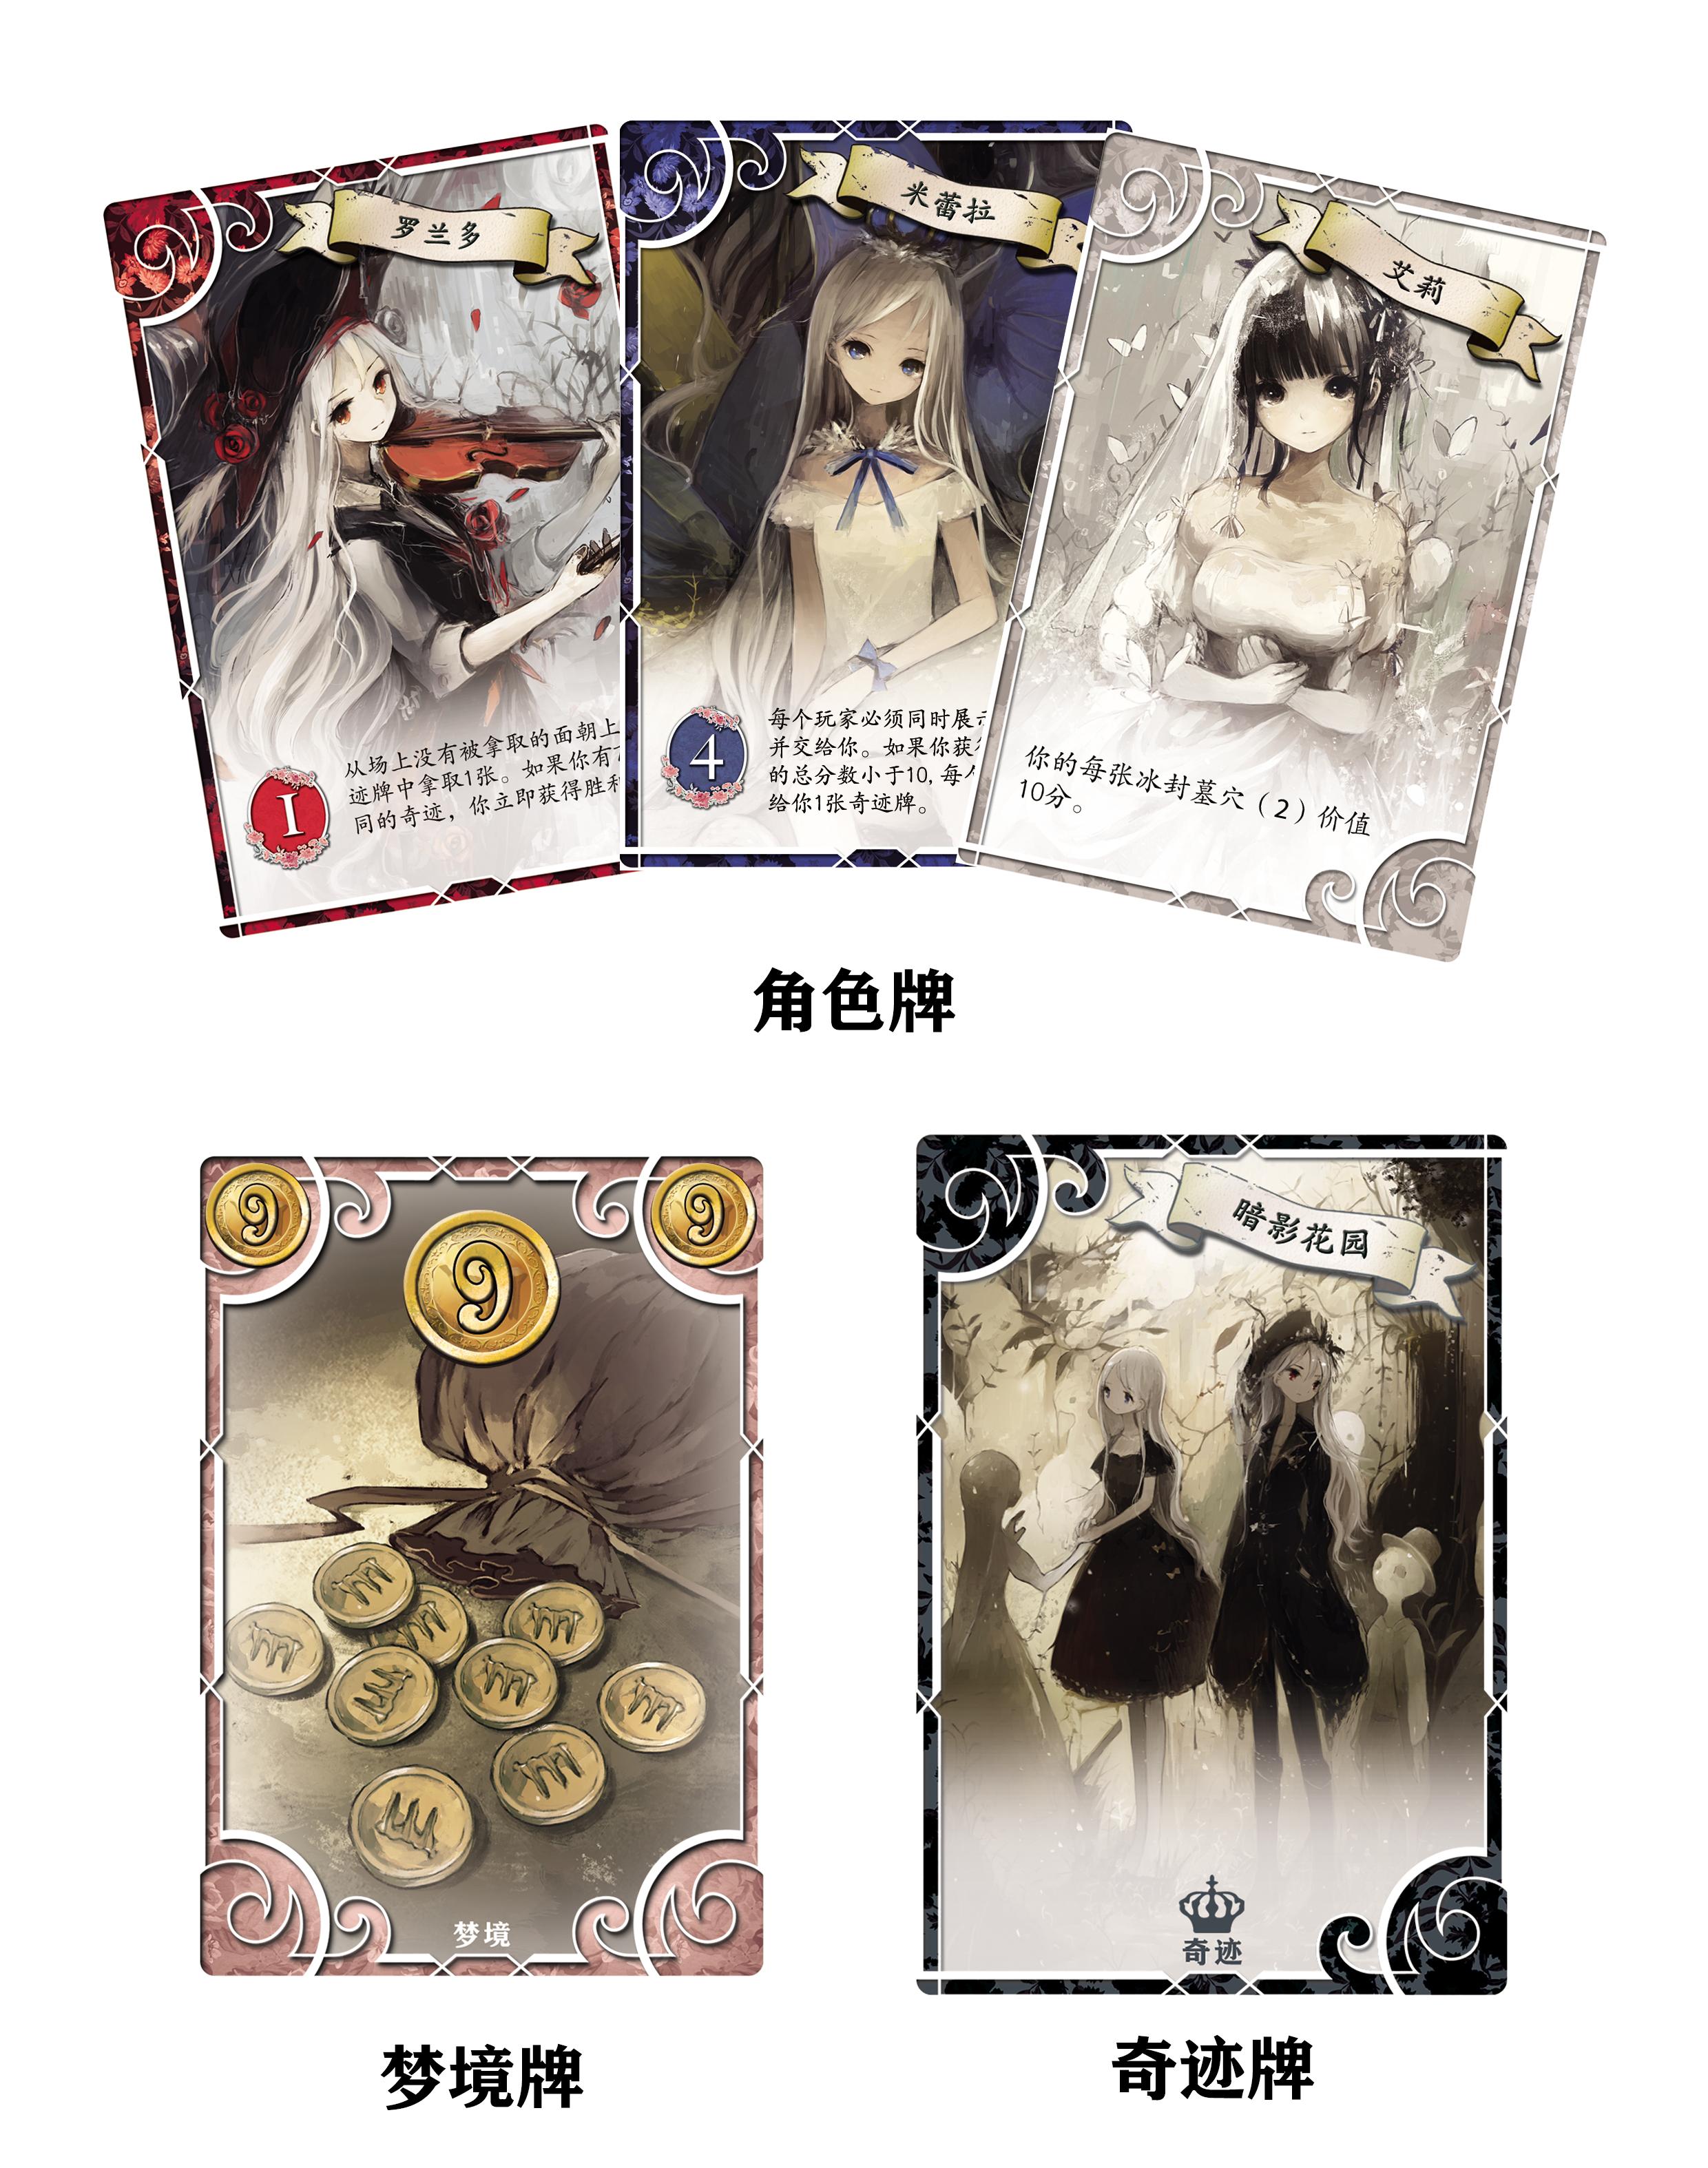 卡牌展示3.jpg